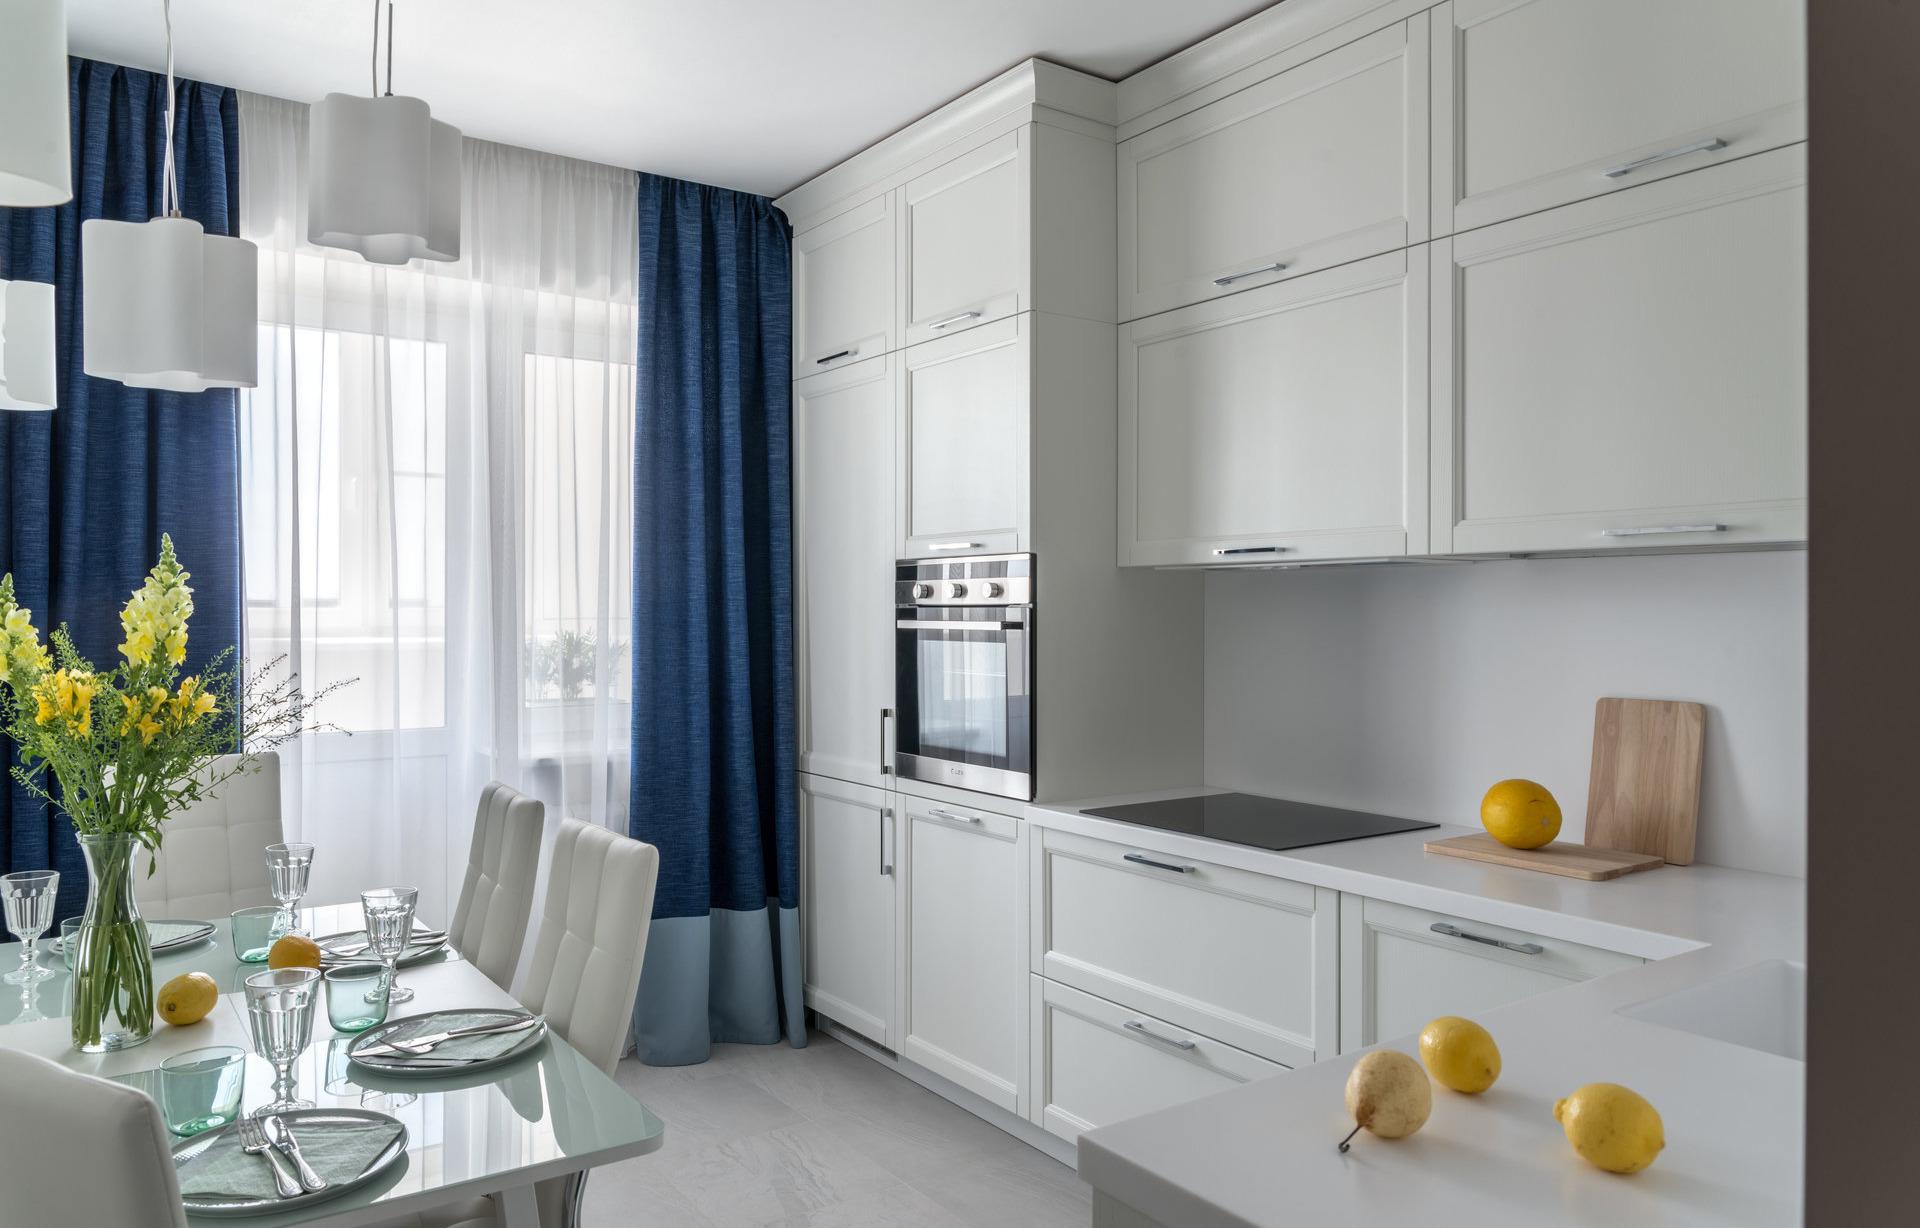 Как дизайнеры оформляют квартиры под сдачу?